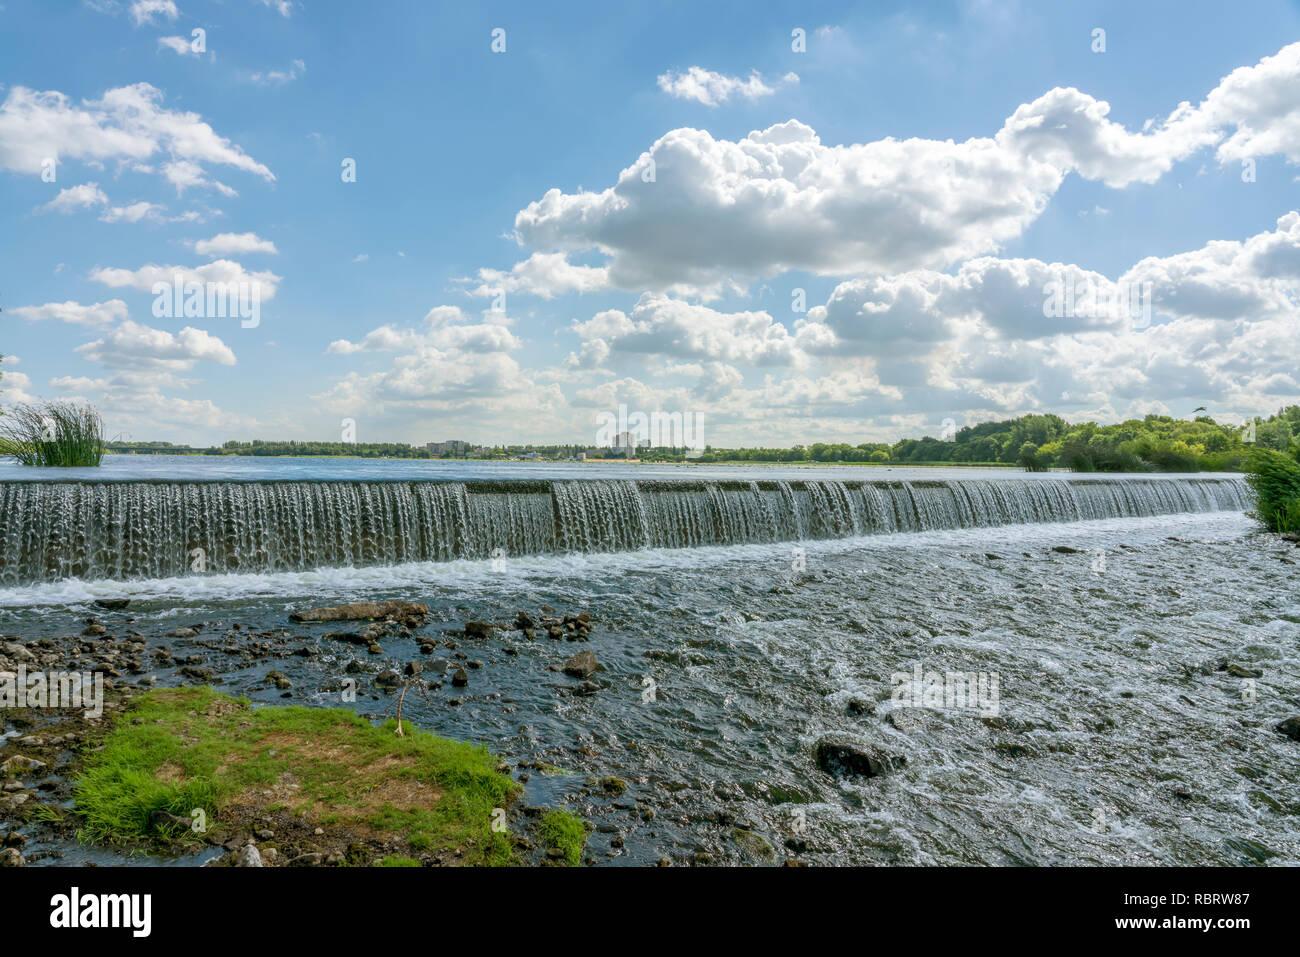 Regolato flusso di acqua che fluisce attraverso il centro della città. La RUSSIA, Lipetsk. Foto Stock